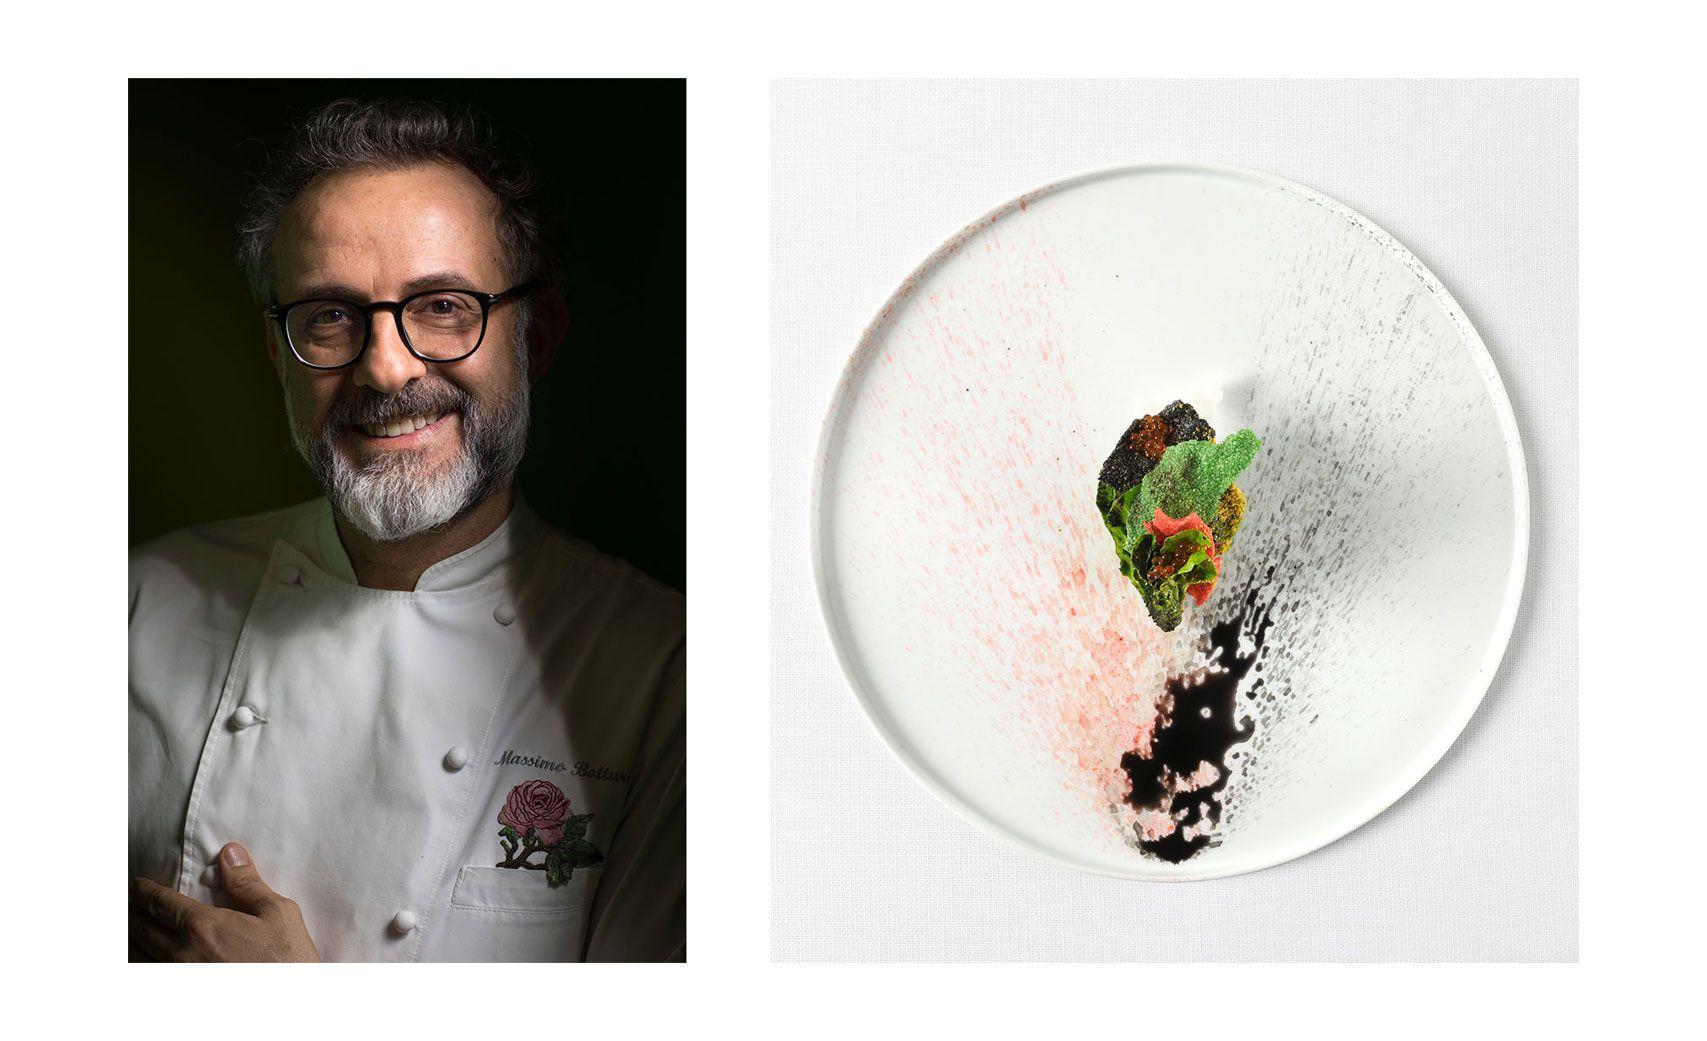 北義大利・摩德納的「Osteria Francescana」是今年開始榮登殿堂的8間餐廳之一。主廚Massimo Bottura在傳統的義式料理中融入嶄新的發想,創作出的料理為人津津樂道。